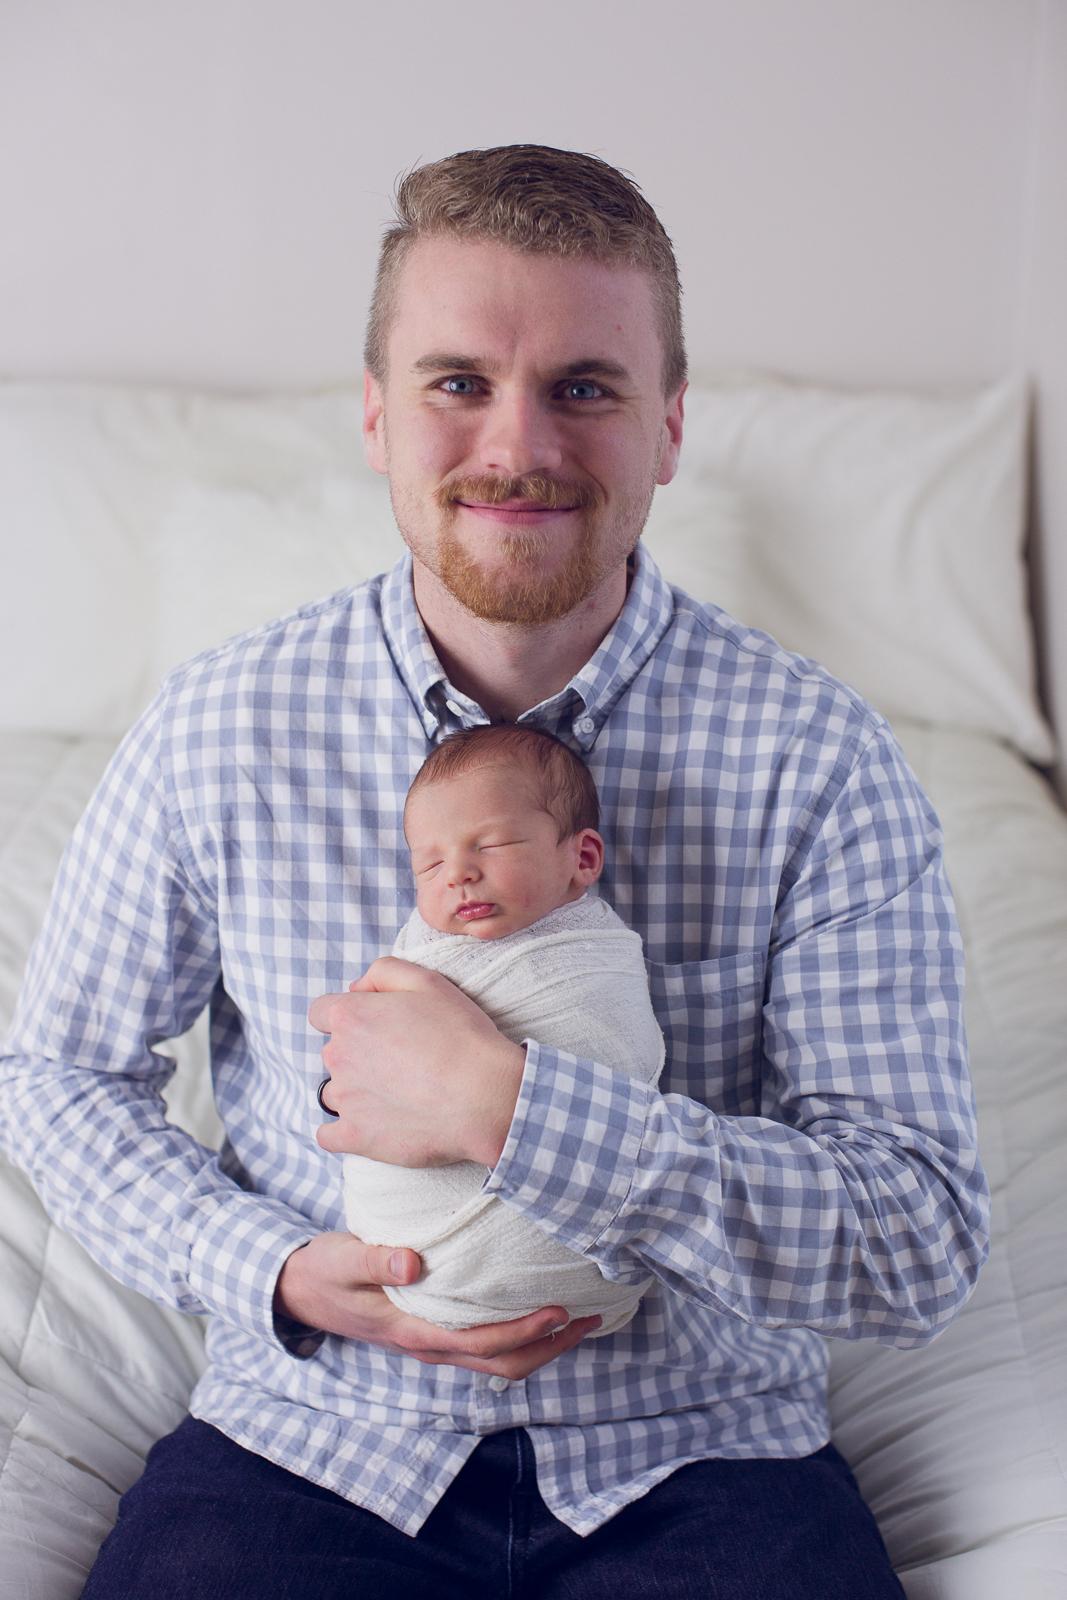 max-newborns-lafayette-indiana-photographer-newborn-photographer-27.jpg